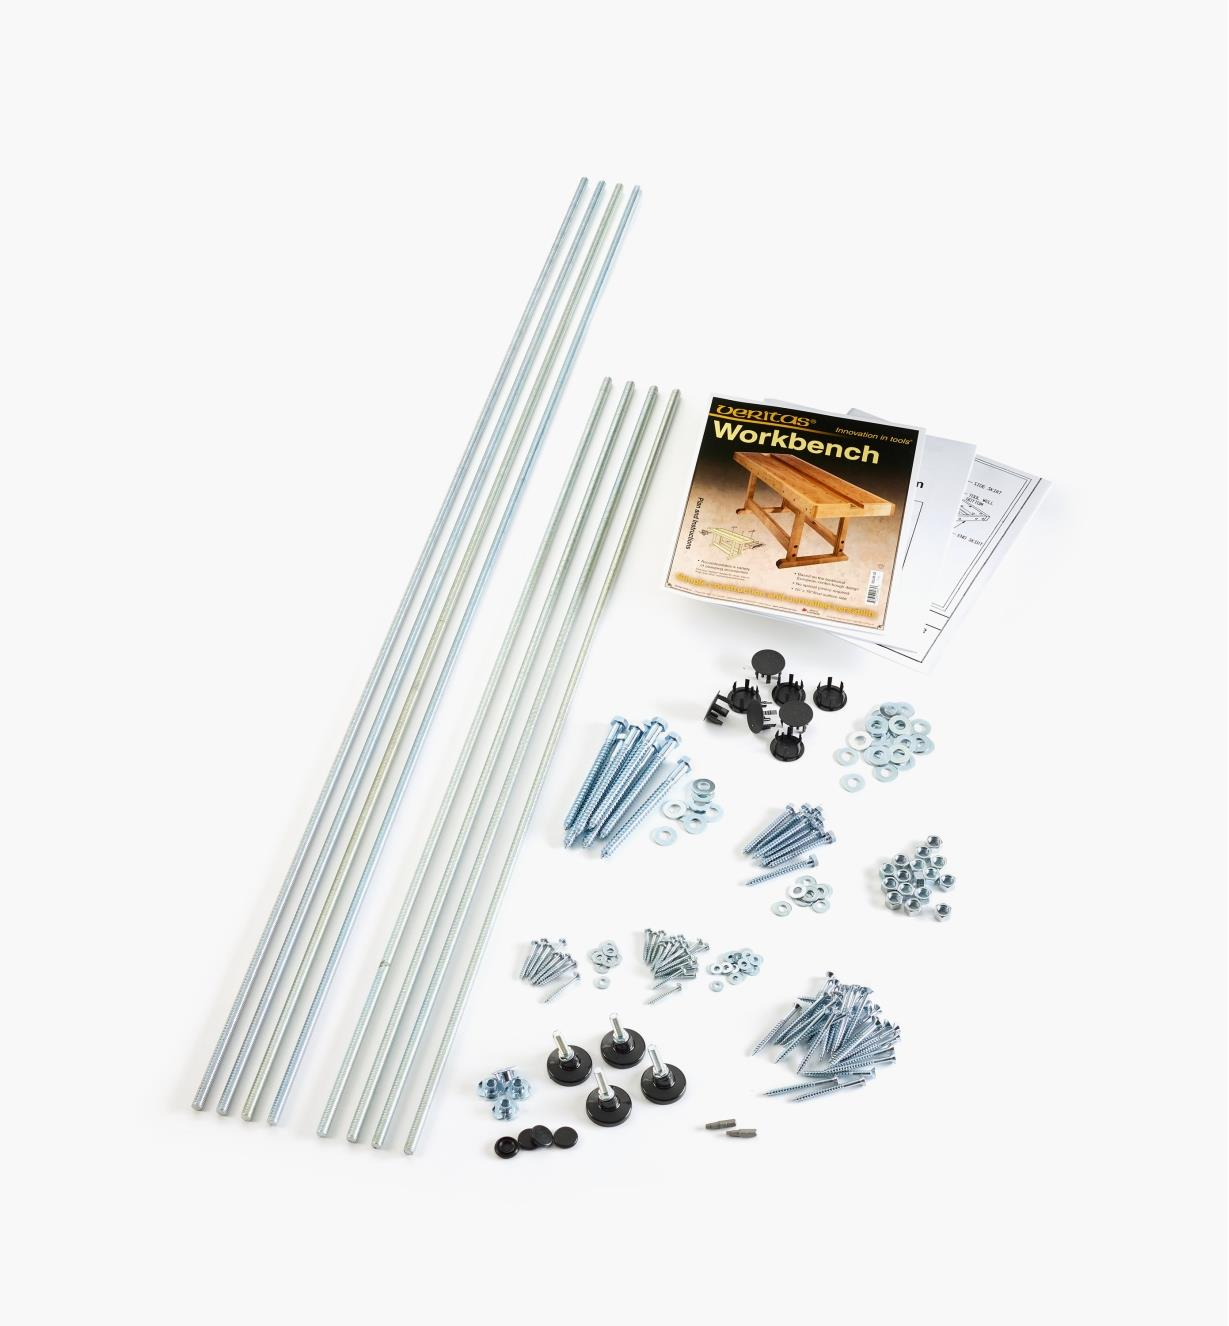 05G1512 - Veritas Basic Bench Kit